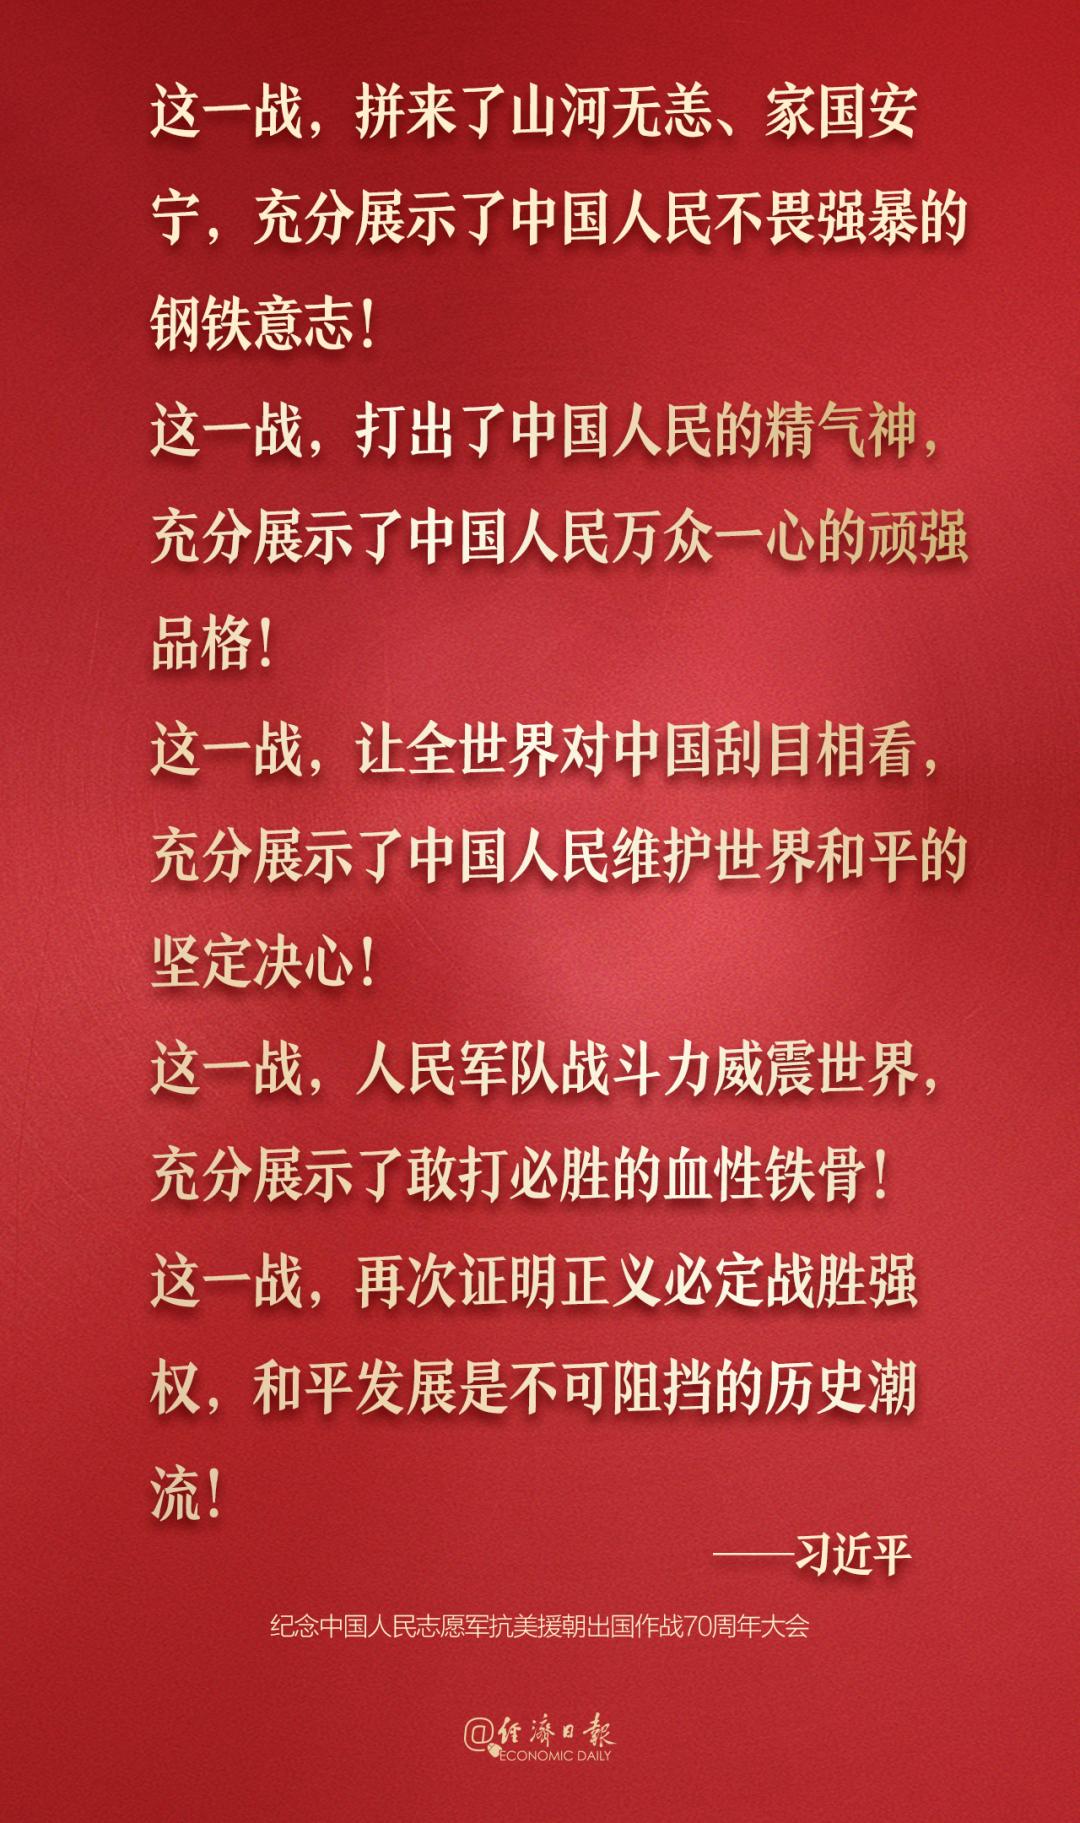 習近平: 中華民族是嚇不倒、壓不垮的-圖3